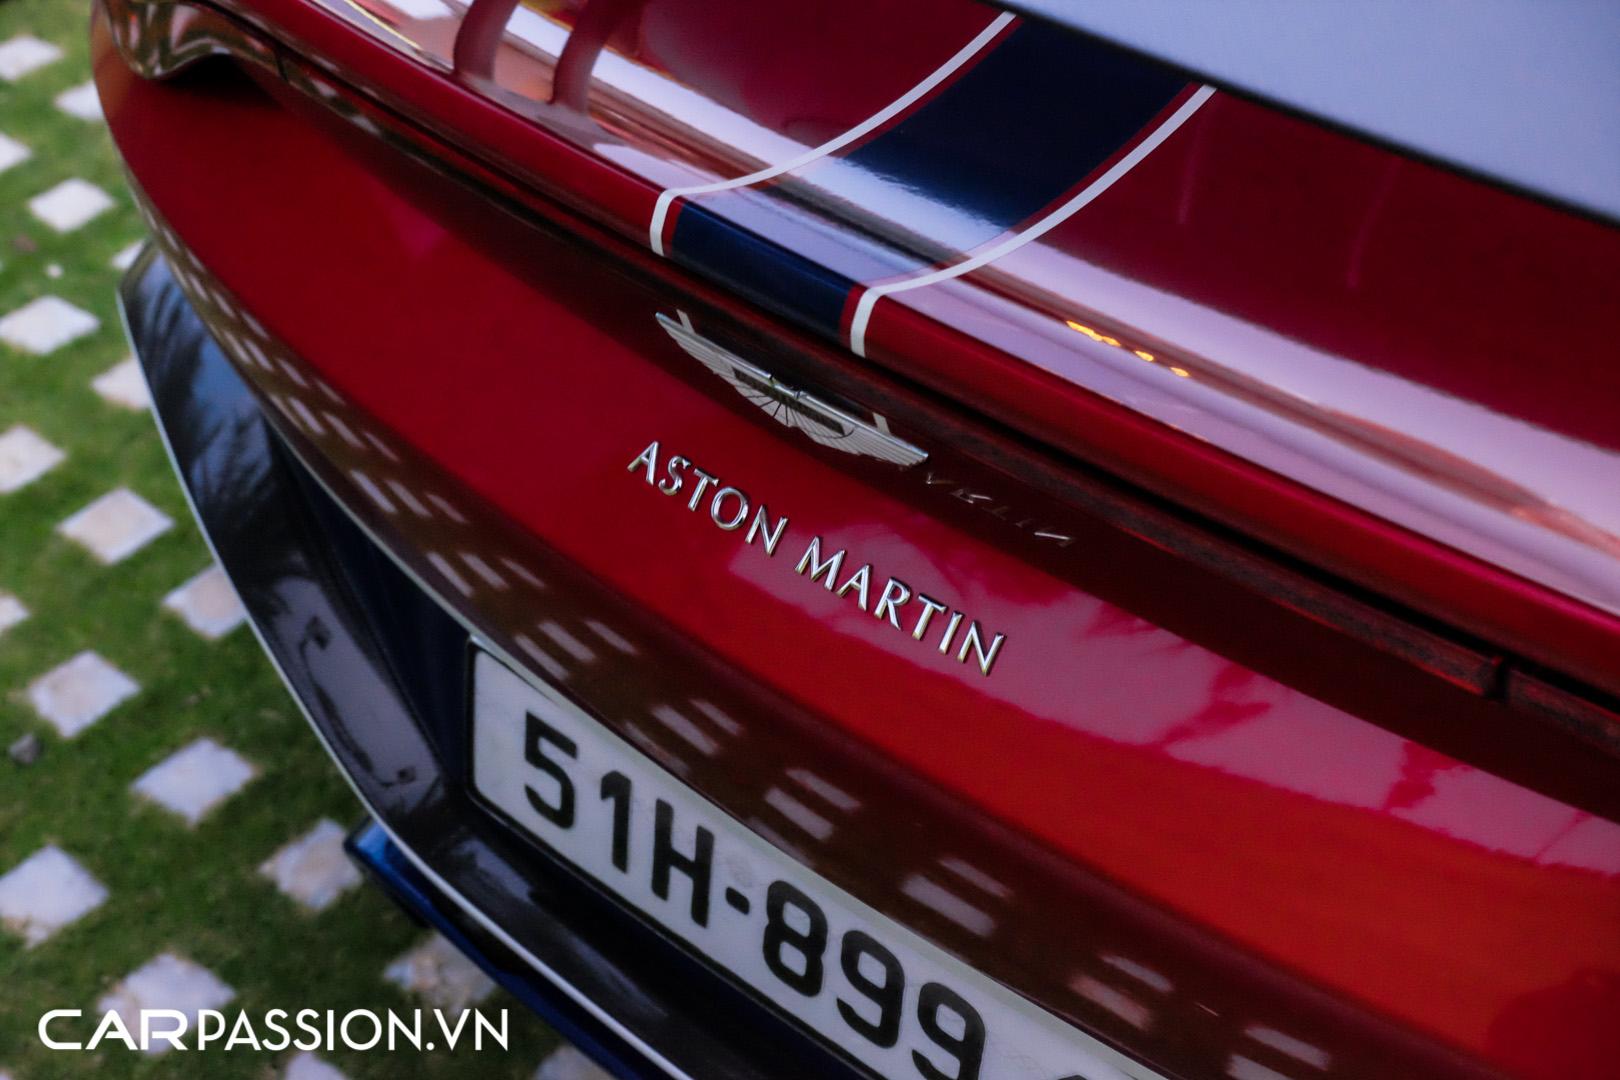 Aston Martin Vantage của doanh nhân Phạm Trần Nhật Minh (22).JPG